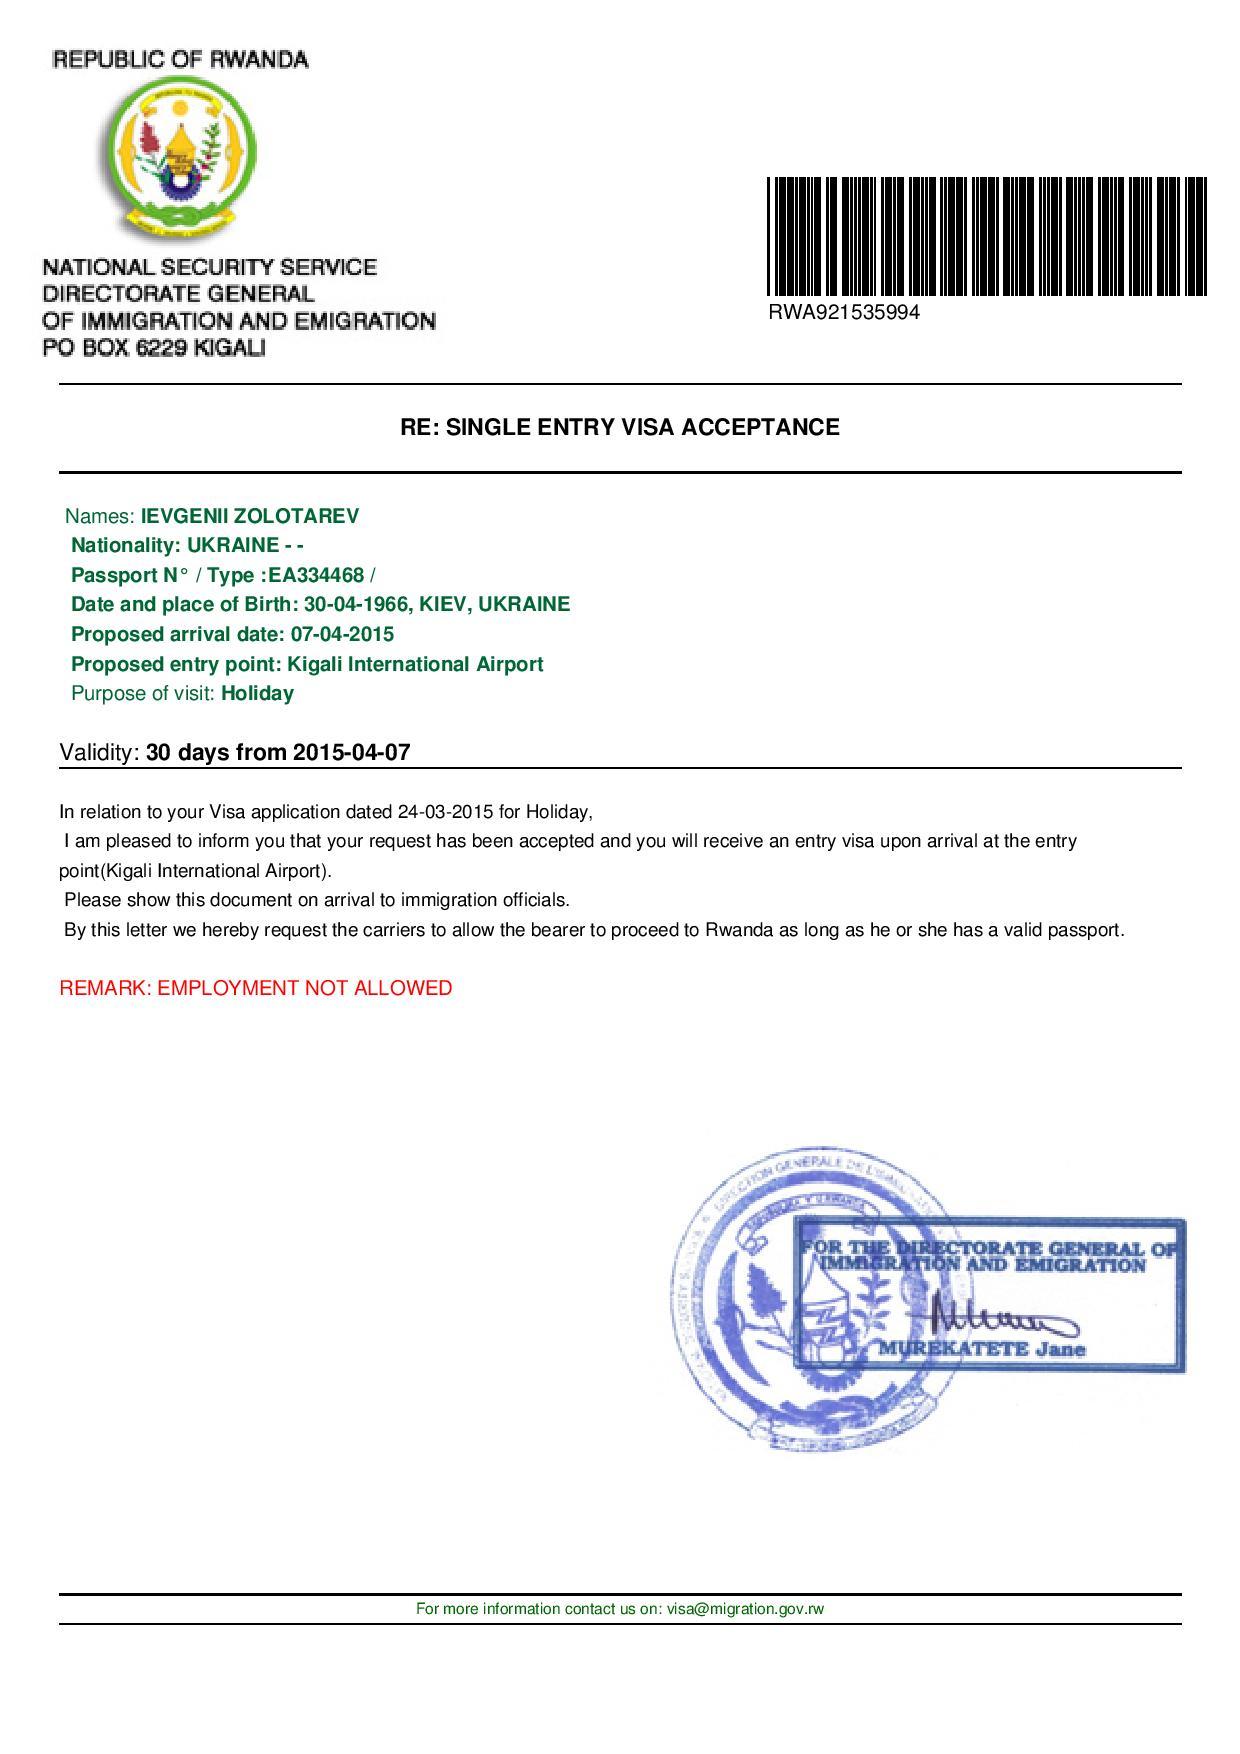 Внешний вид электронной визы в Руанду